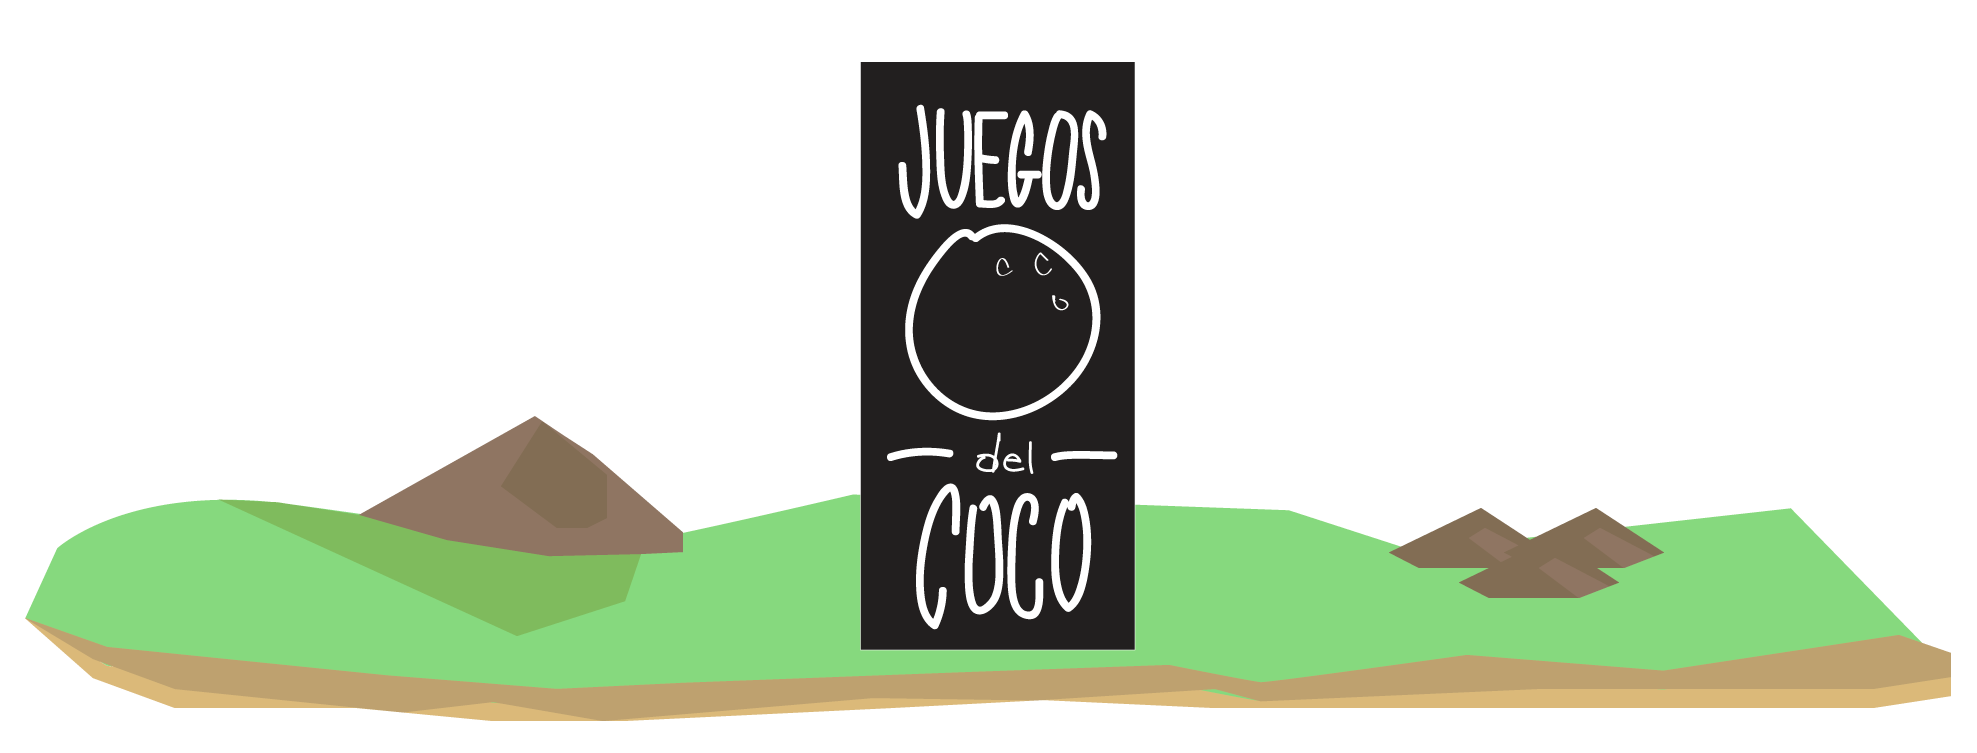 Los juegos del Coco